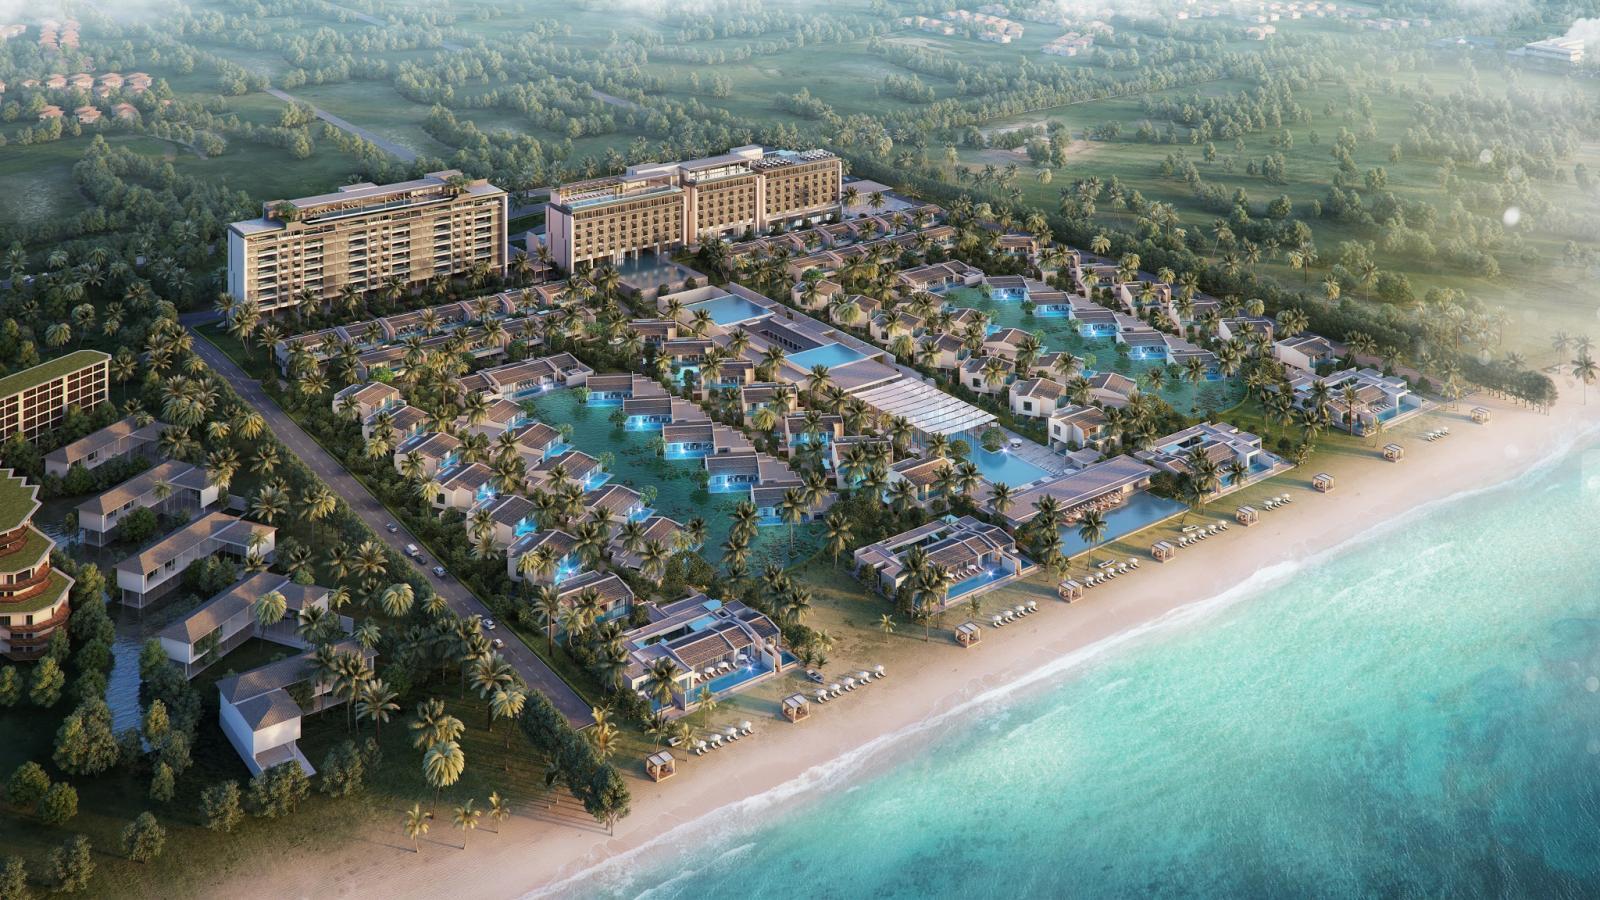 Phối cảnh một dự án nghỉ dưỡng nằm ven biển